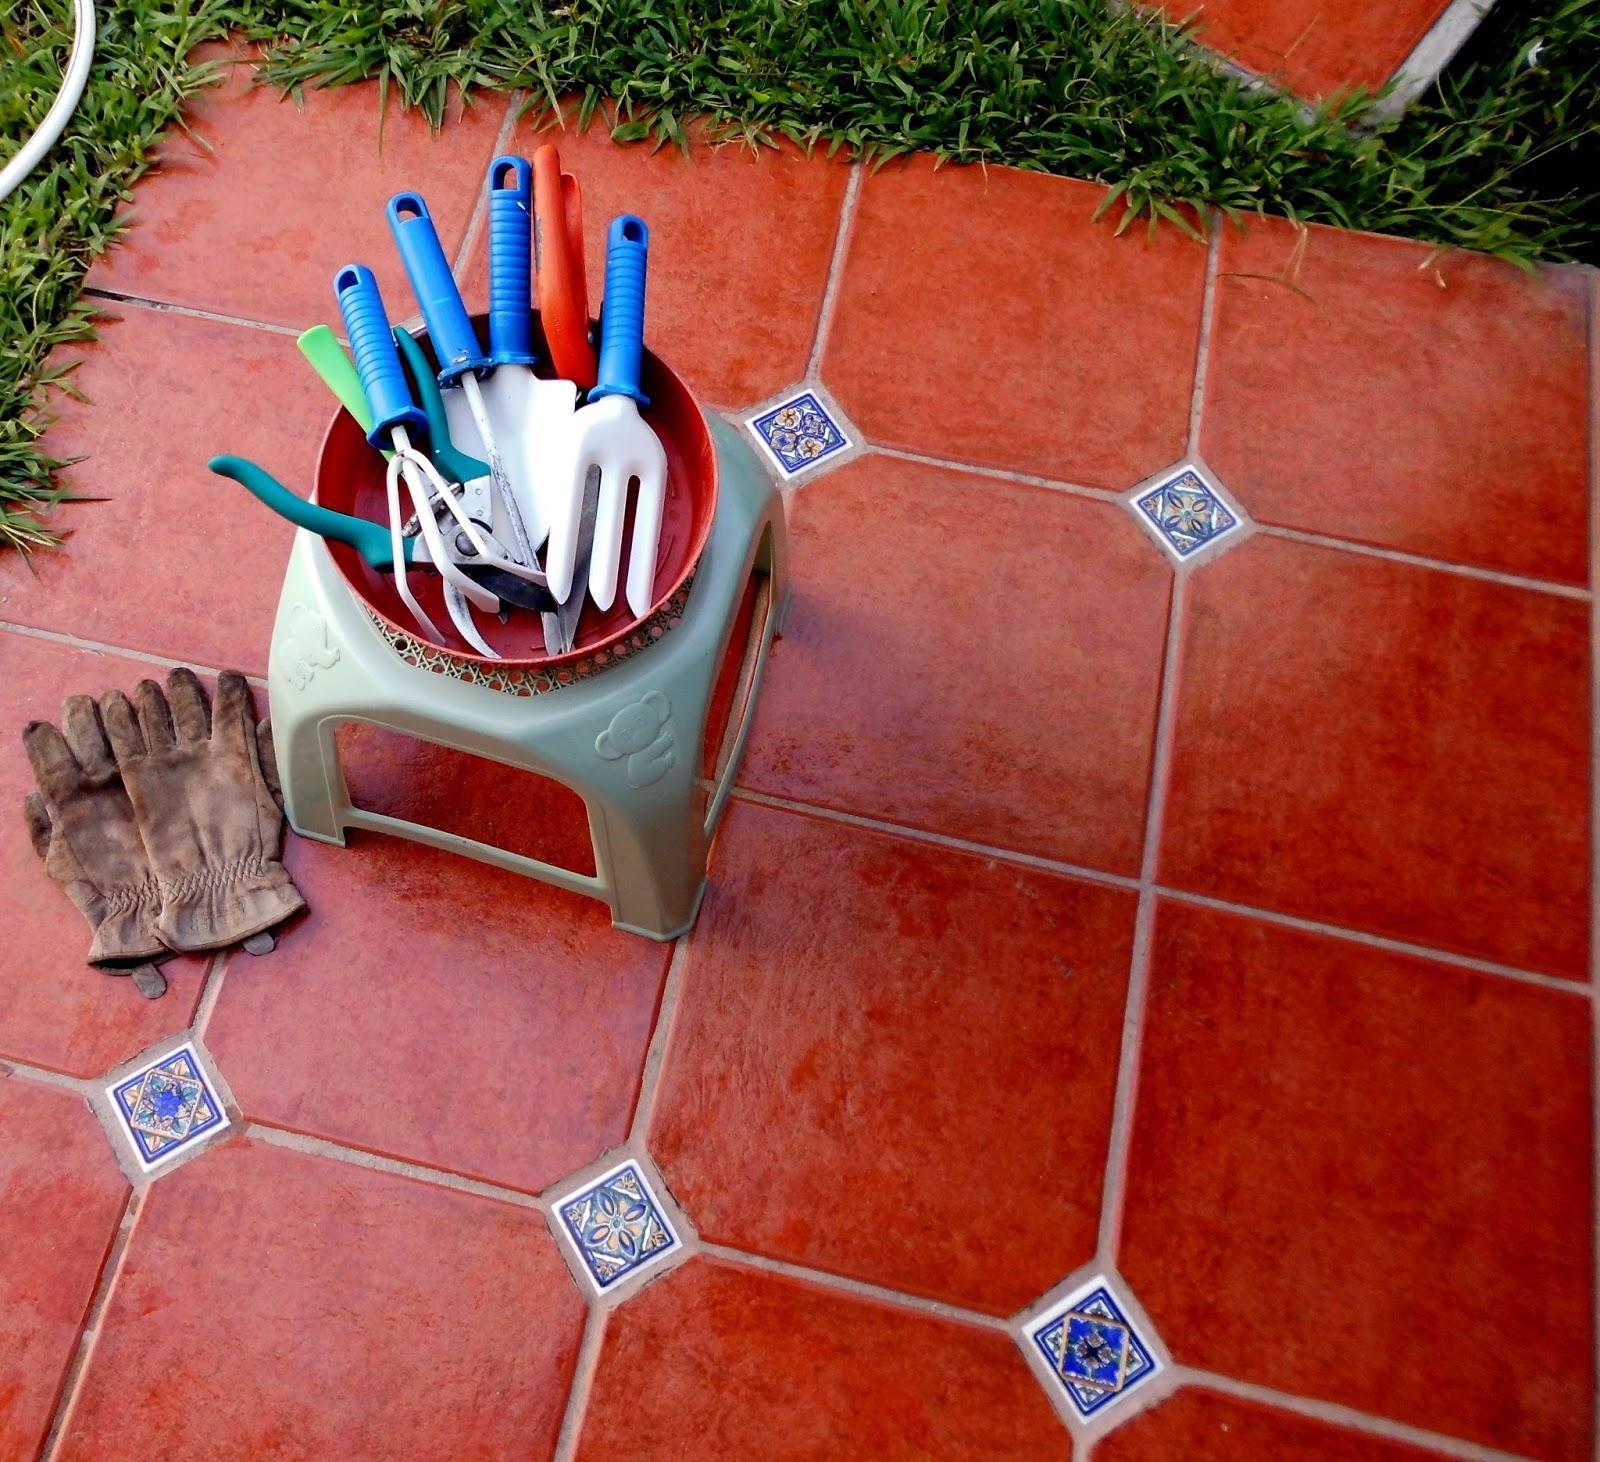 Soluciones para el Hogar y el Amor: Como Limpiar Pisos de Cerámica